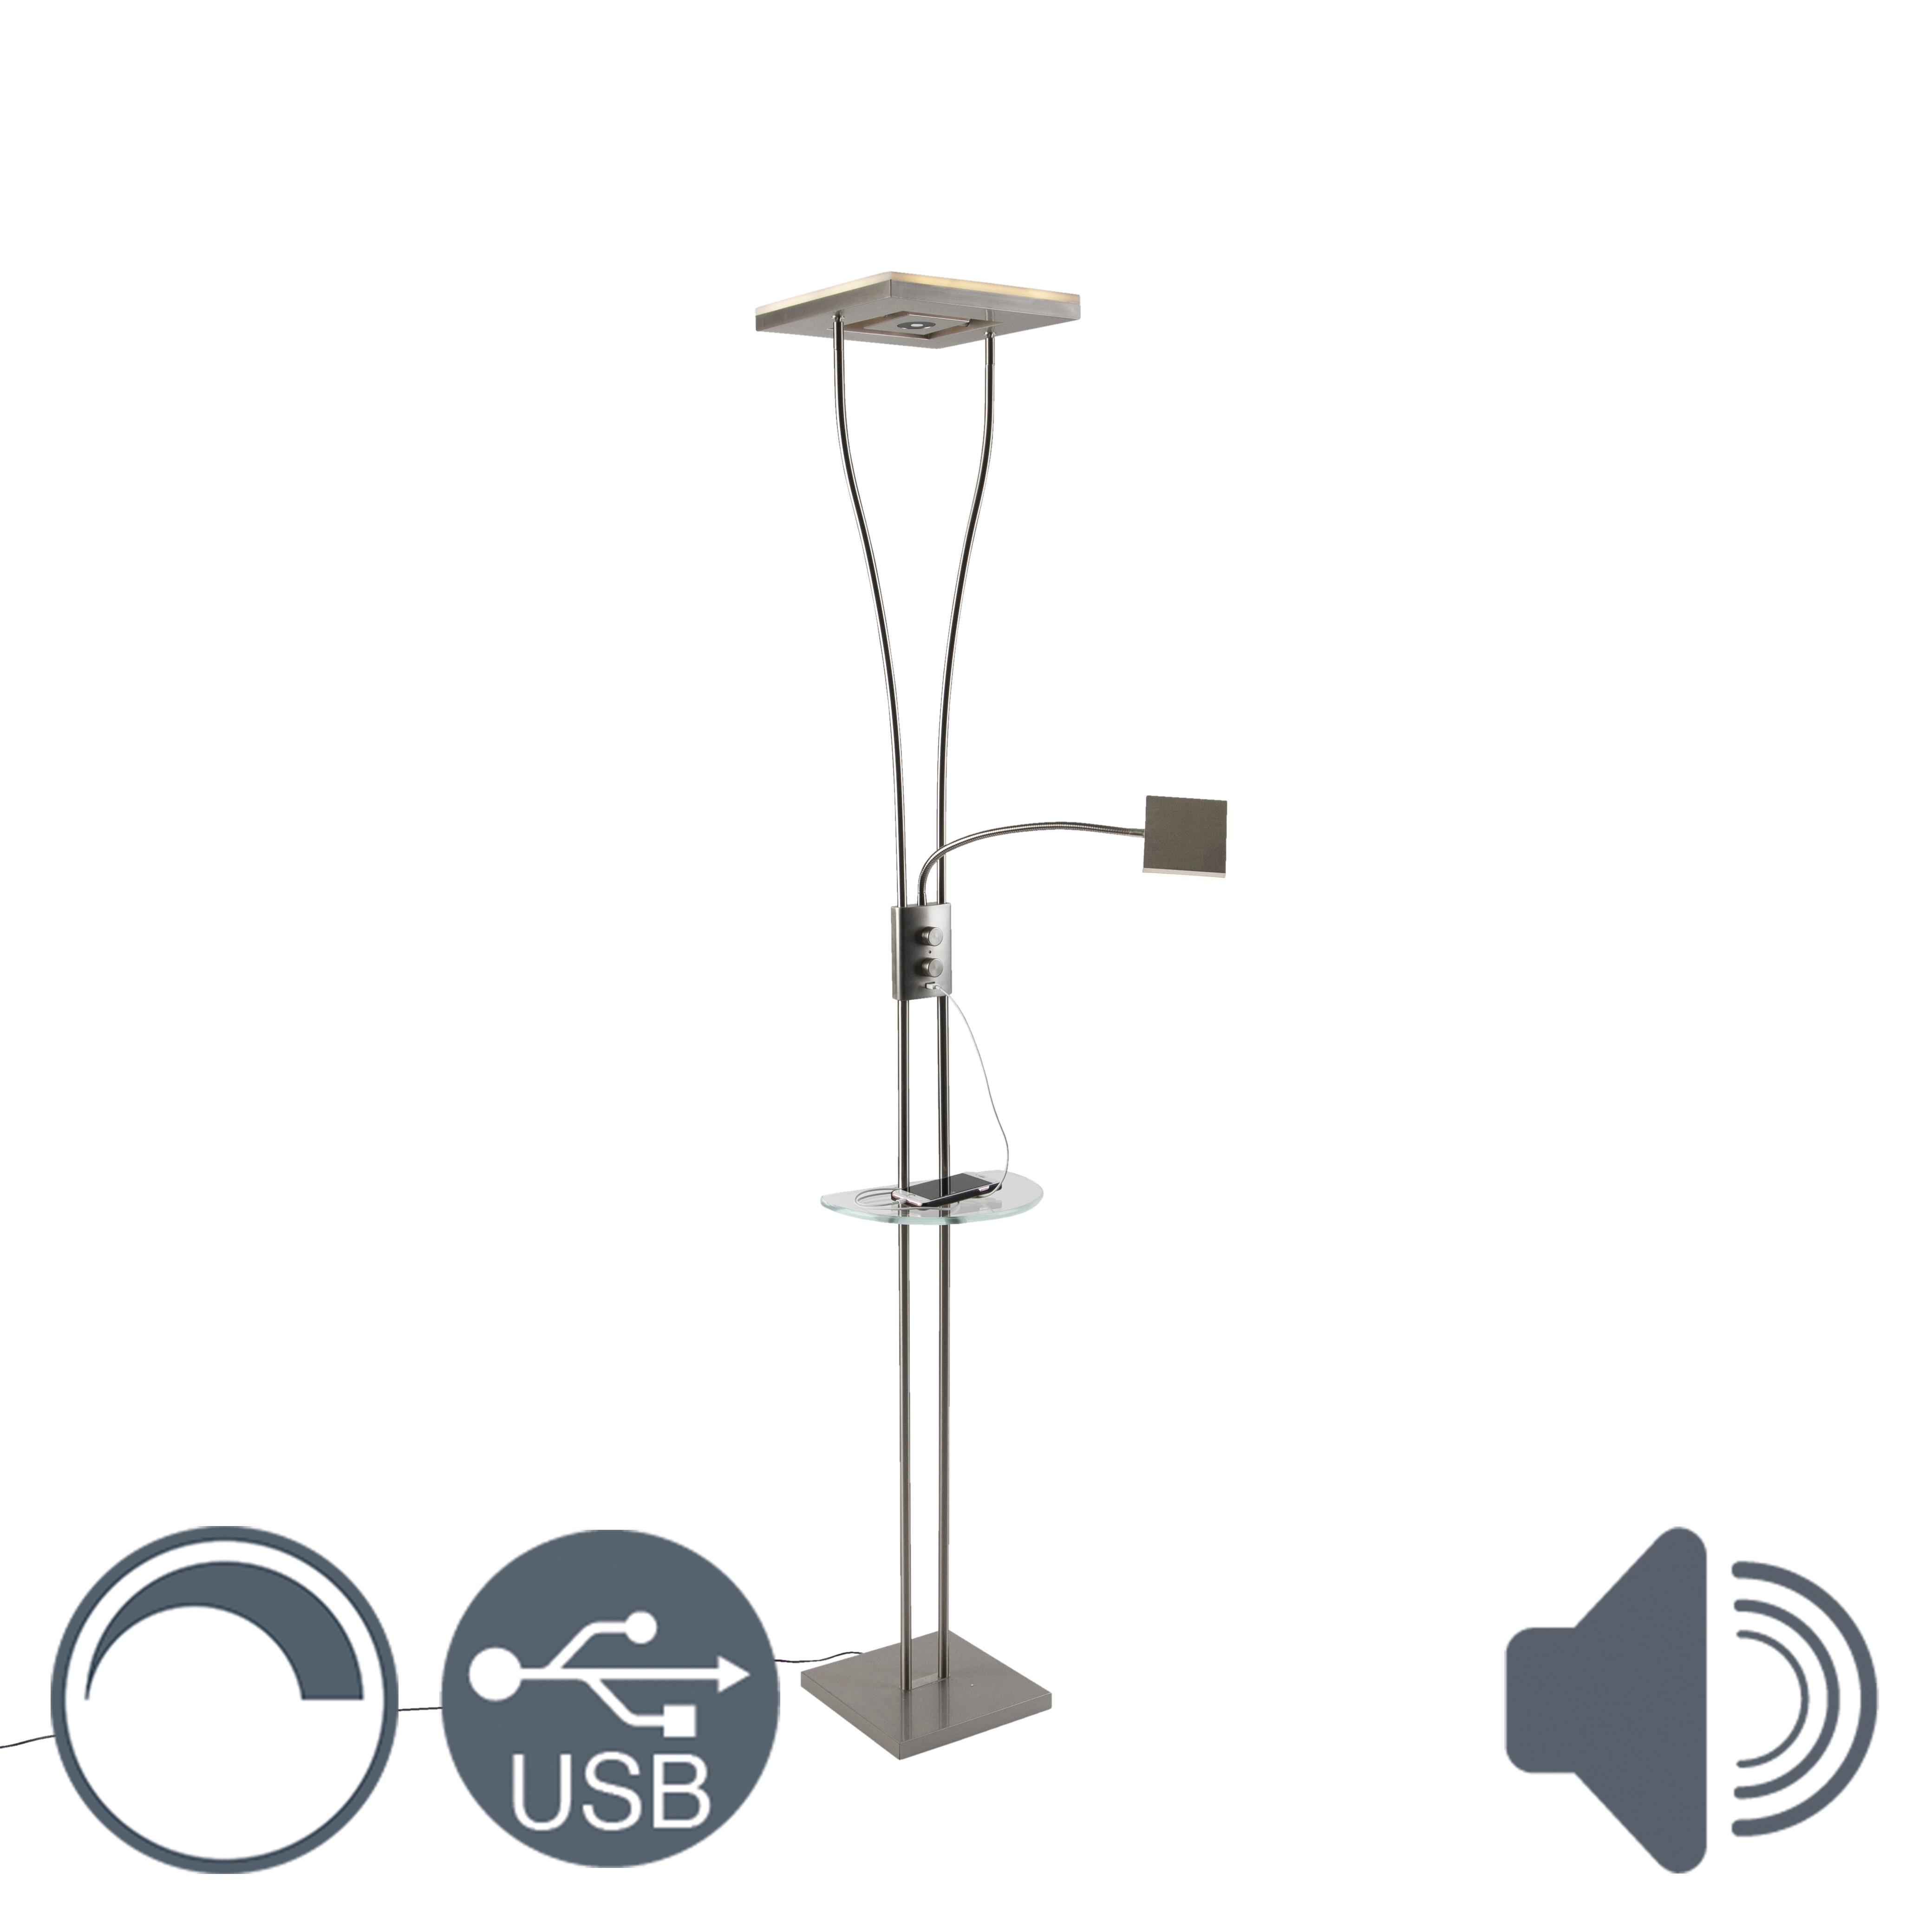 Moderne vloerlamp staal met leeslamp USB poort incl. LED - Hella